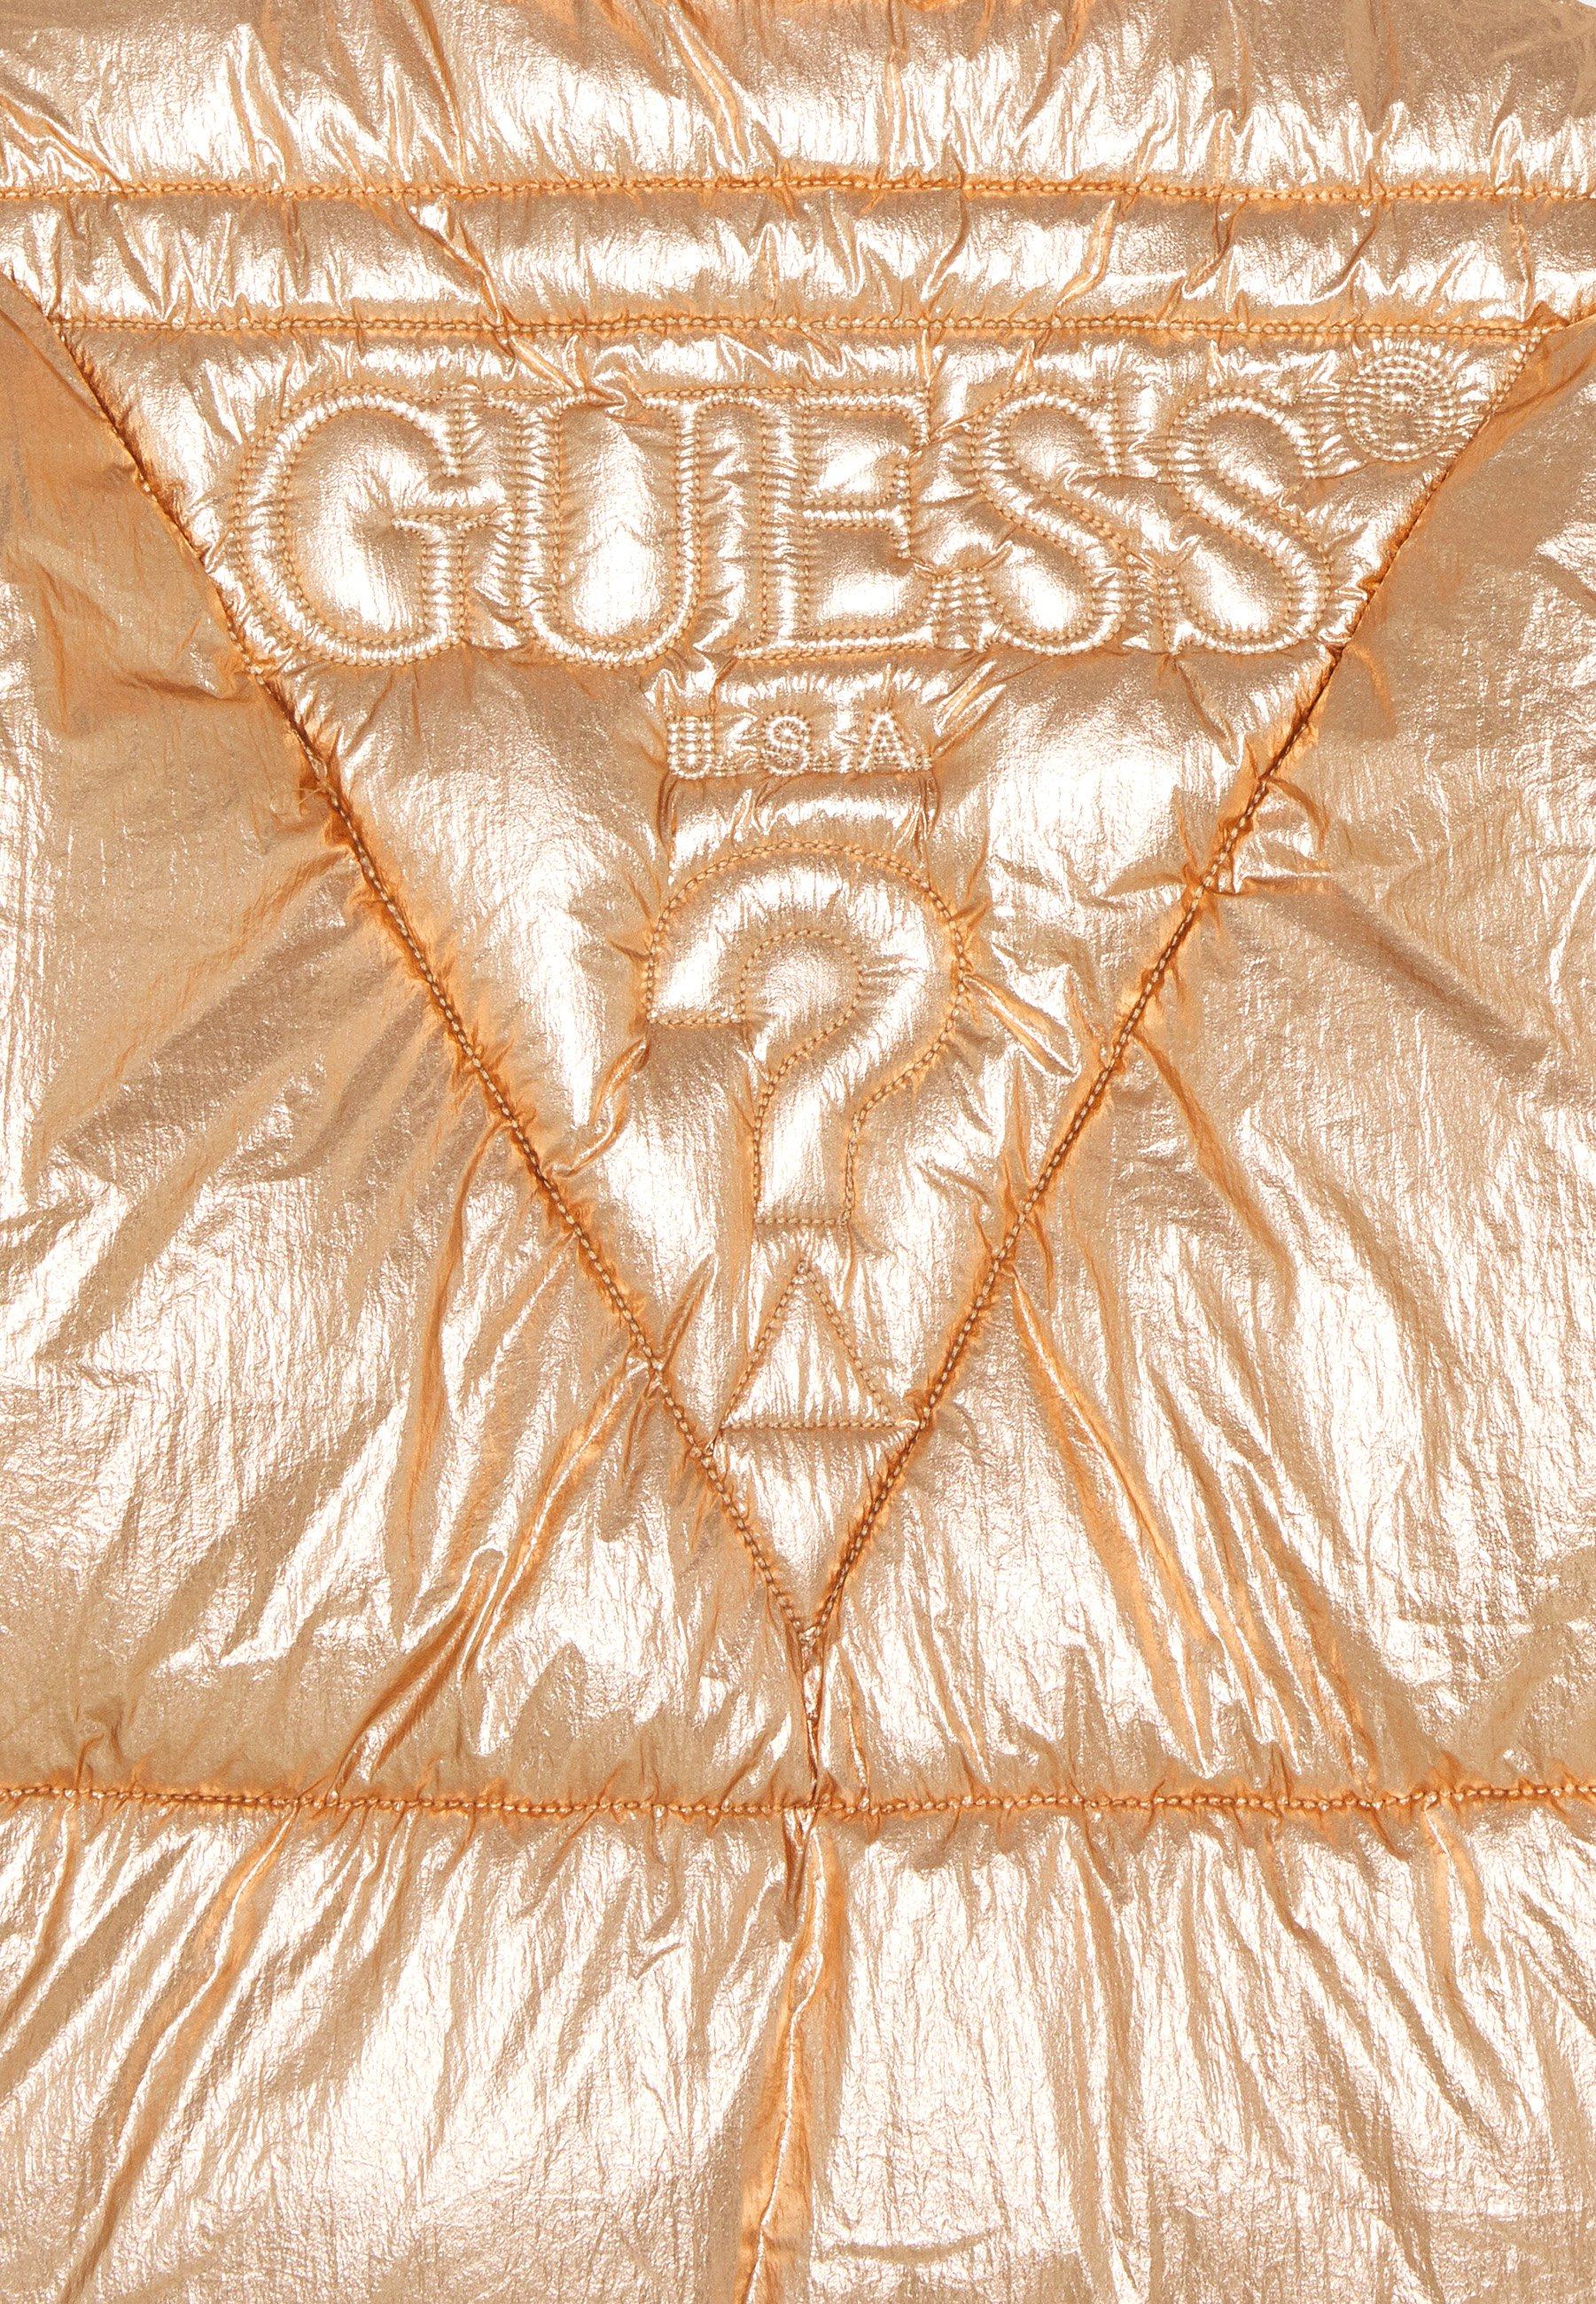 Niesamowita cena Zakupy Guess JUNIOR HIGH LOW PADDED - Kurtka zimowa - light copper multi | Dzieci Odzież 2020 JSaFK